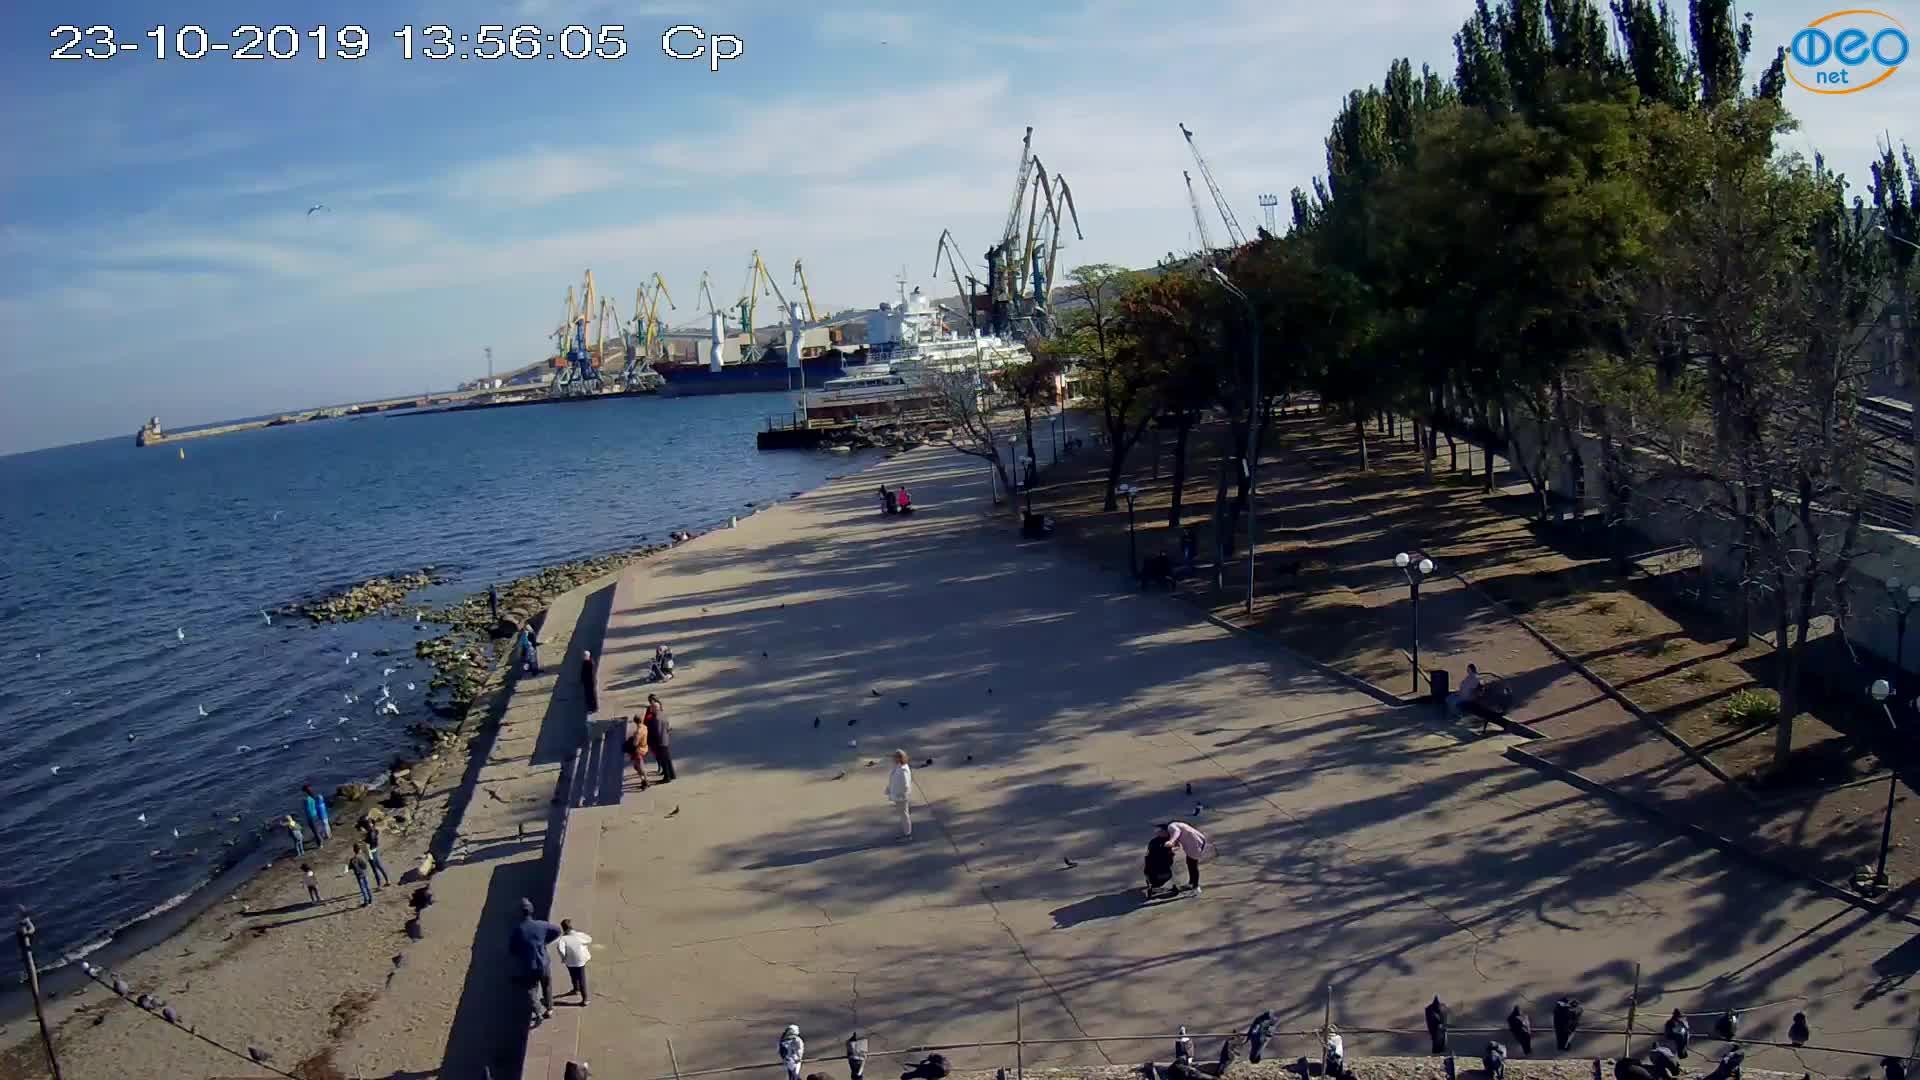 Веб-камеры Феодосии, Набережная Десантников, 2019-10-23 13:56:15